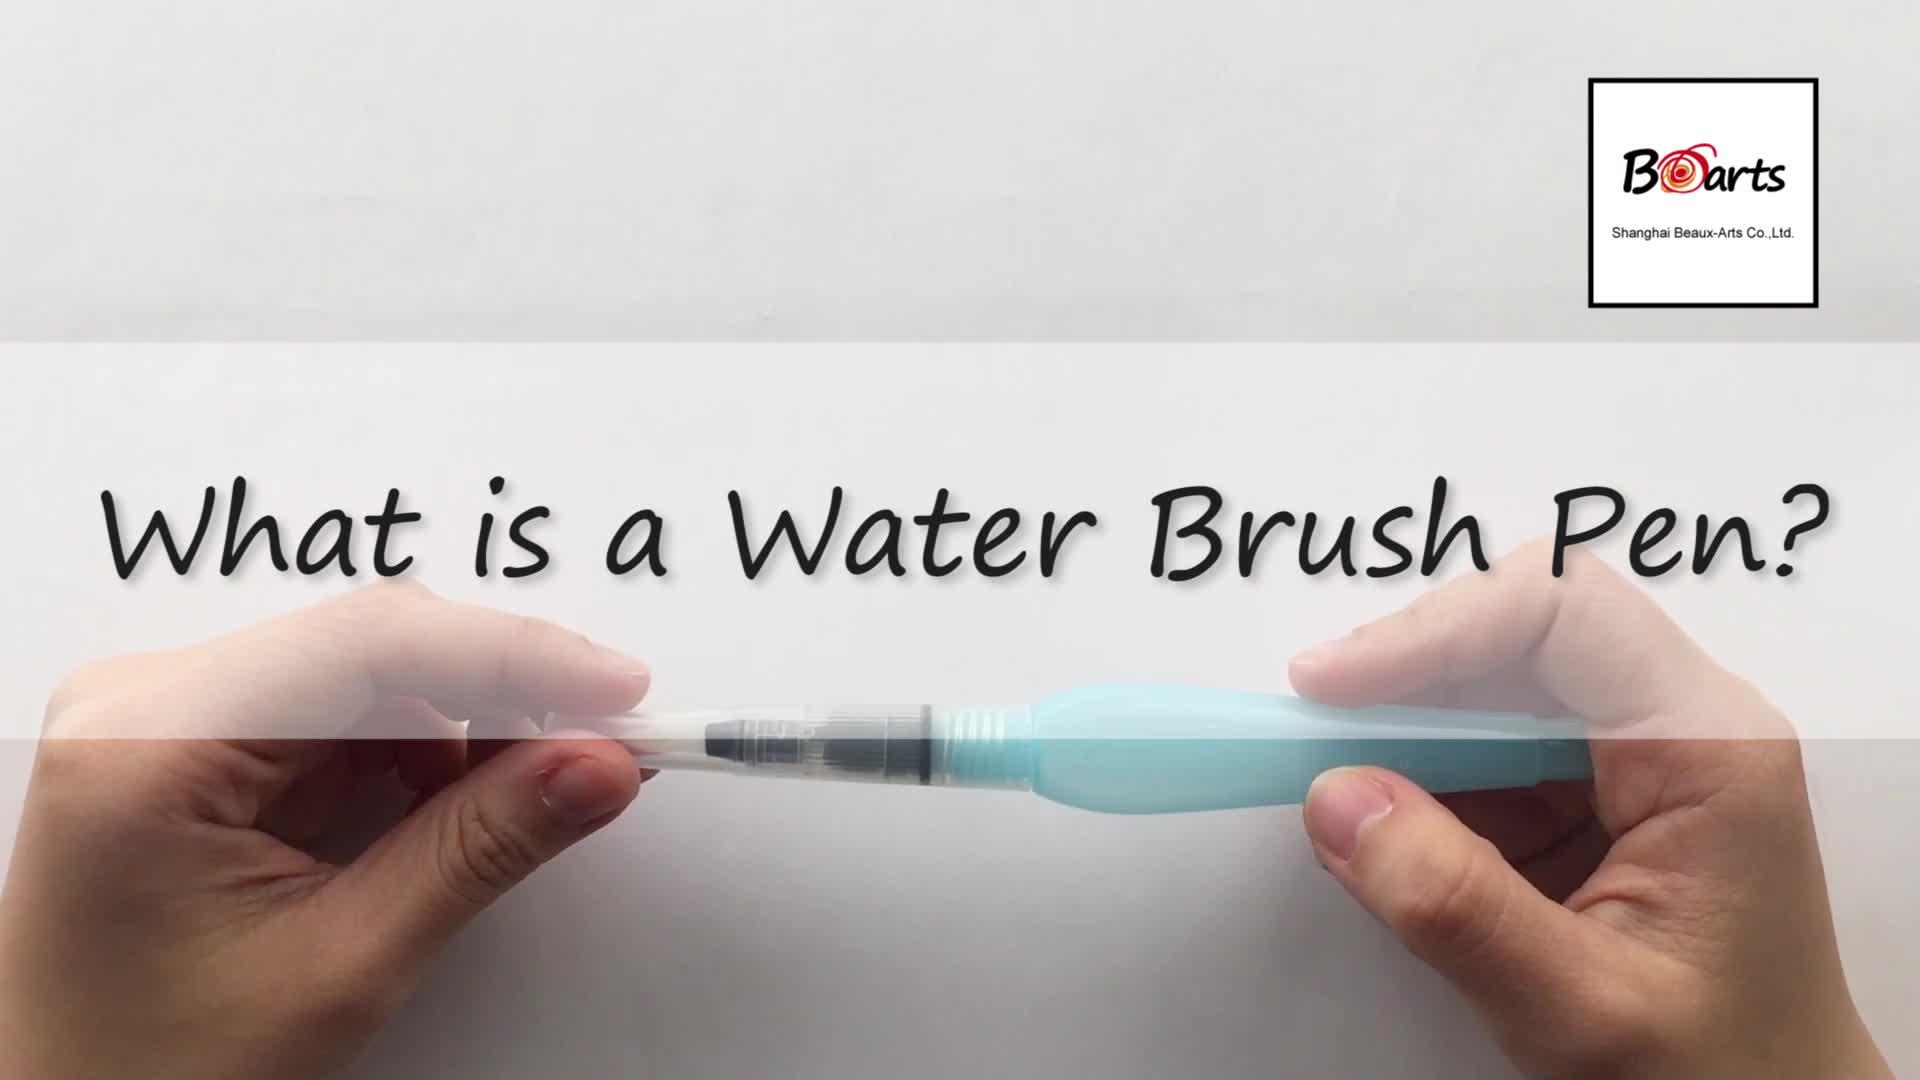 Blu Maniglia In Plastica di Acqua Uso della Spazzola della Penna Della spazzola Per La Pittura Ad Acquerello